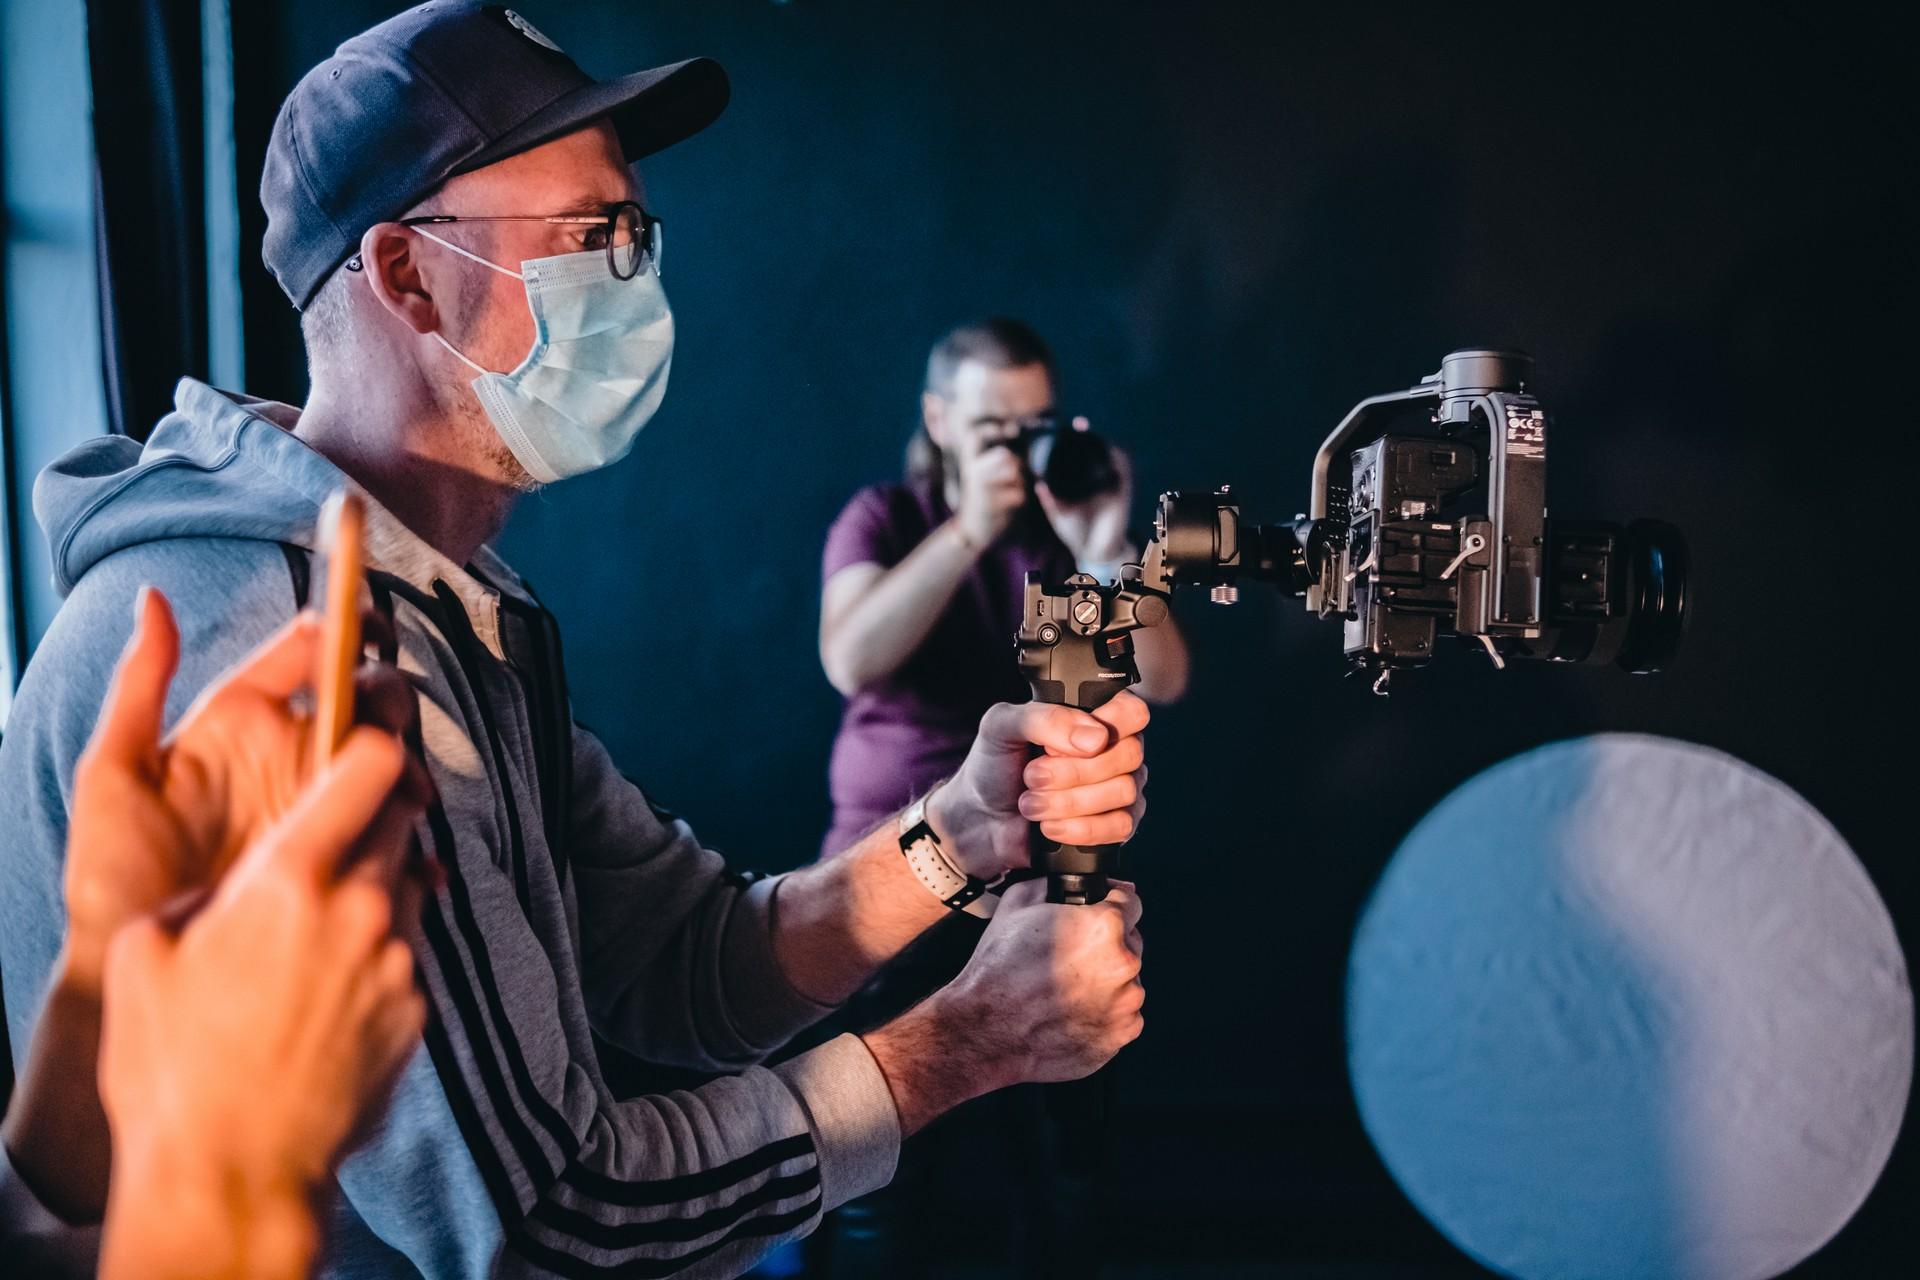 W użyciu nowy DJI RSC 2, film Jacek Kiejko fot. Jarosław Respondek